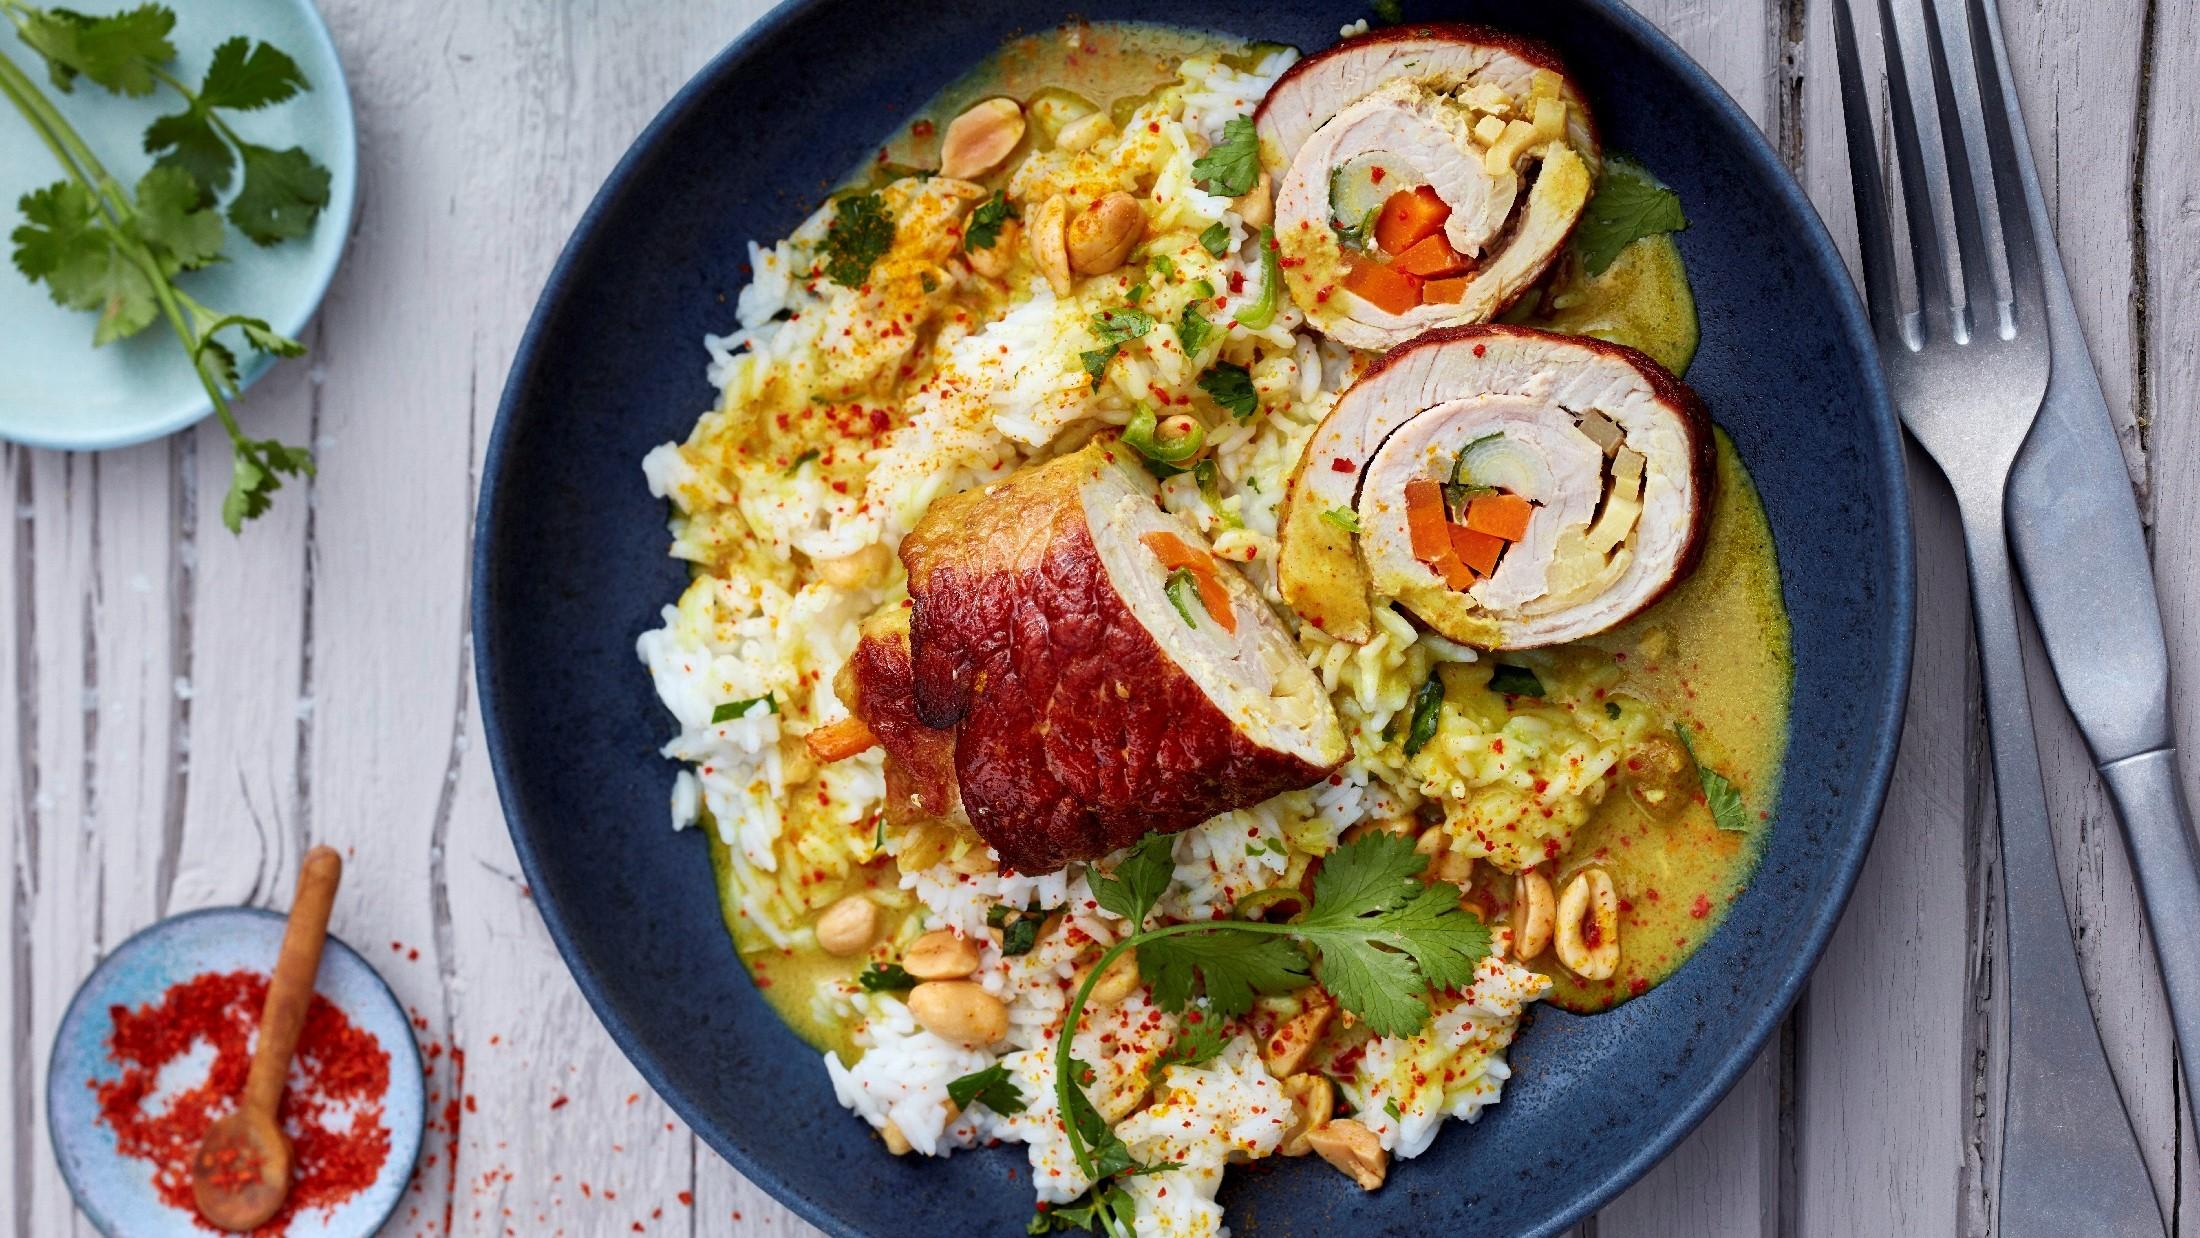 Rouladen mit Reis, Soße und Gemüse.